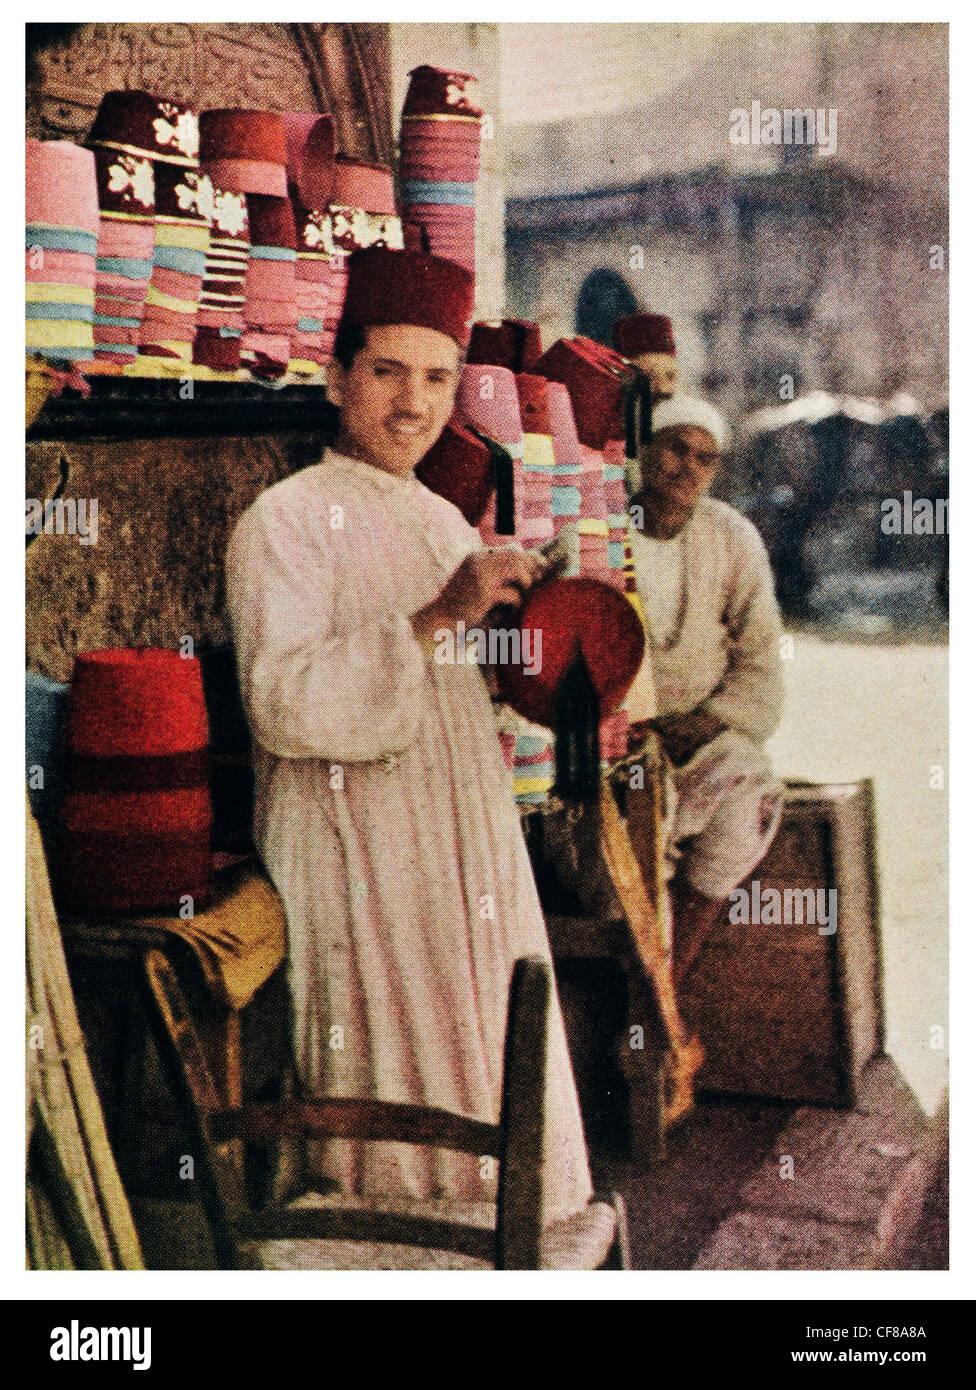 e3dc7bf68 1926 Egypt The Tarboosh Fez Stock Photo: 43824266 - Alamy